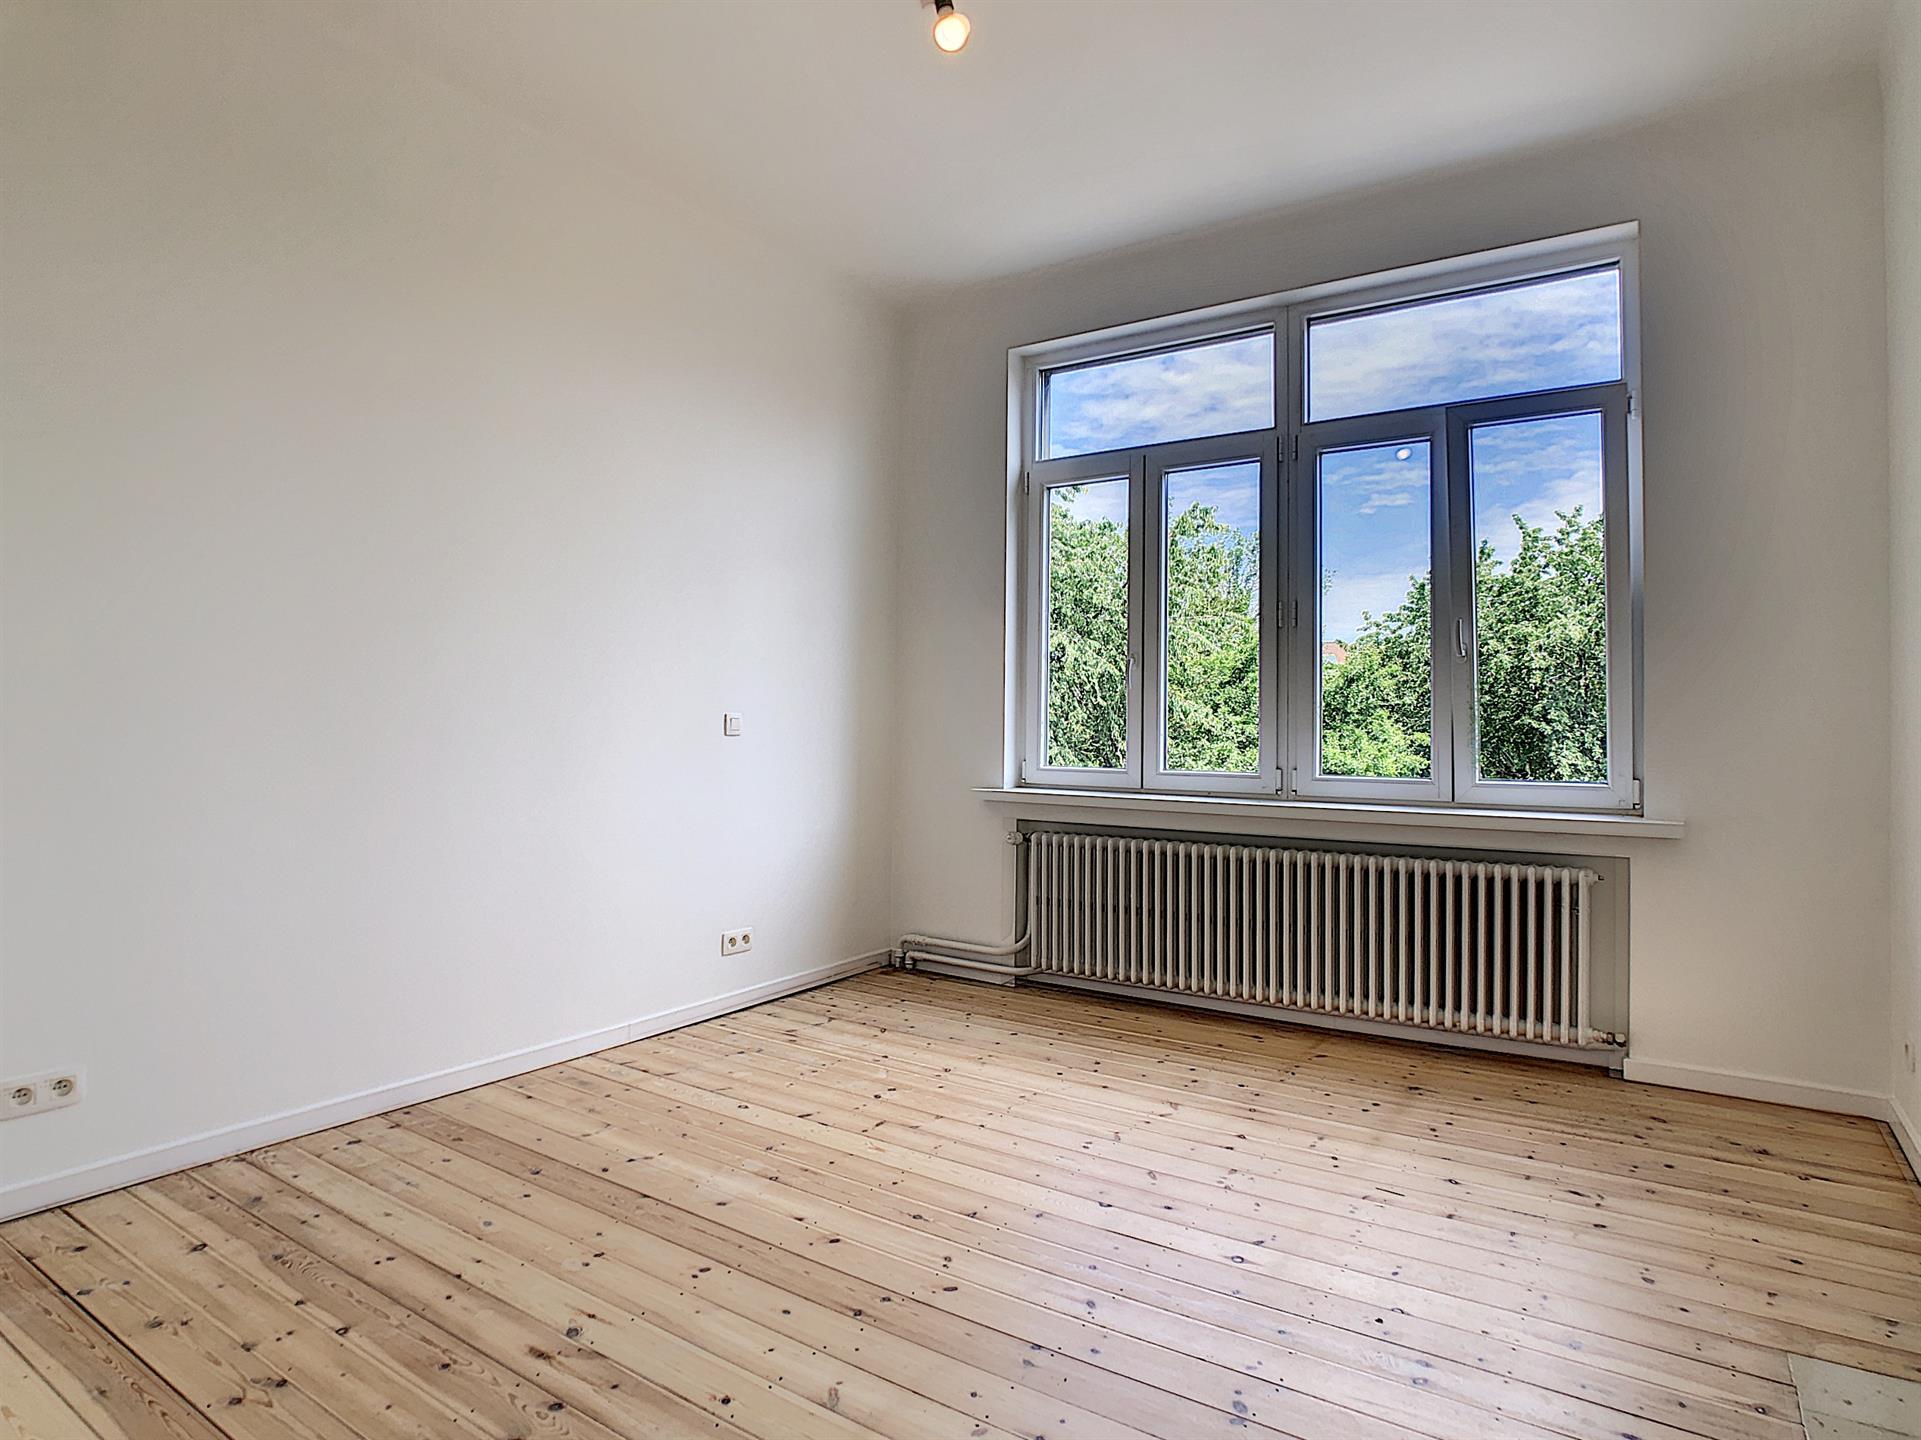 Appartement - Bruxelles - #4499214-1